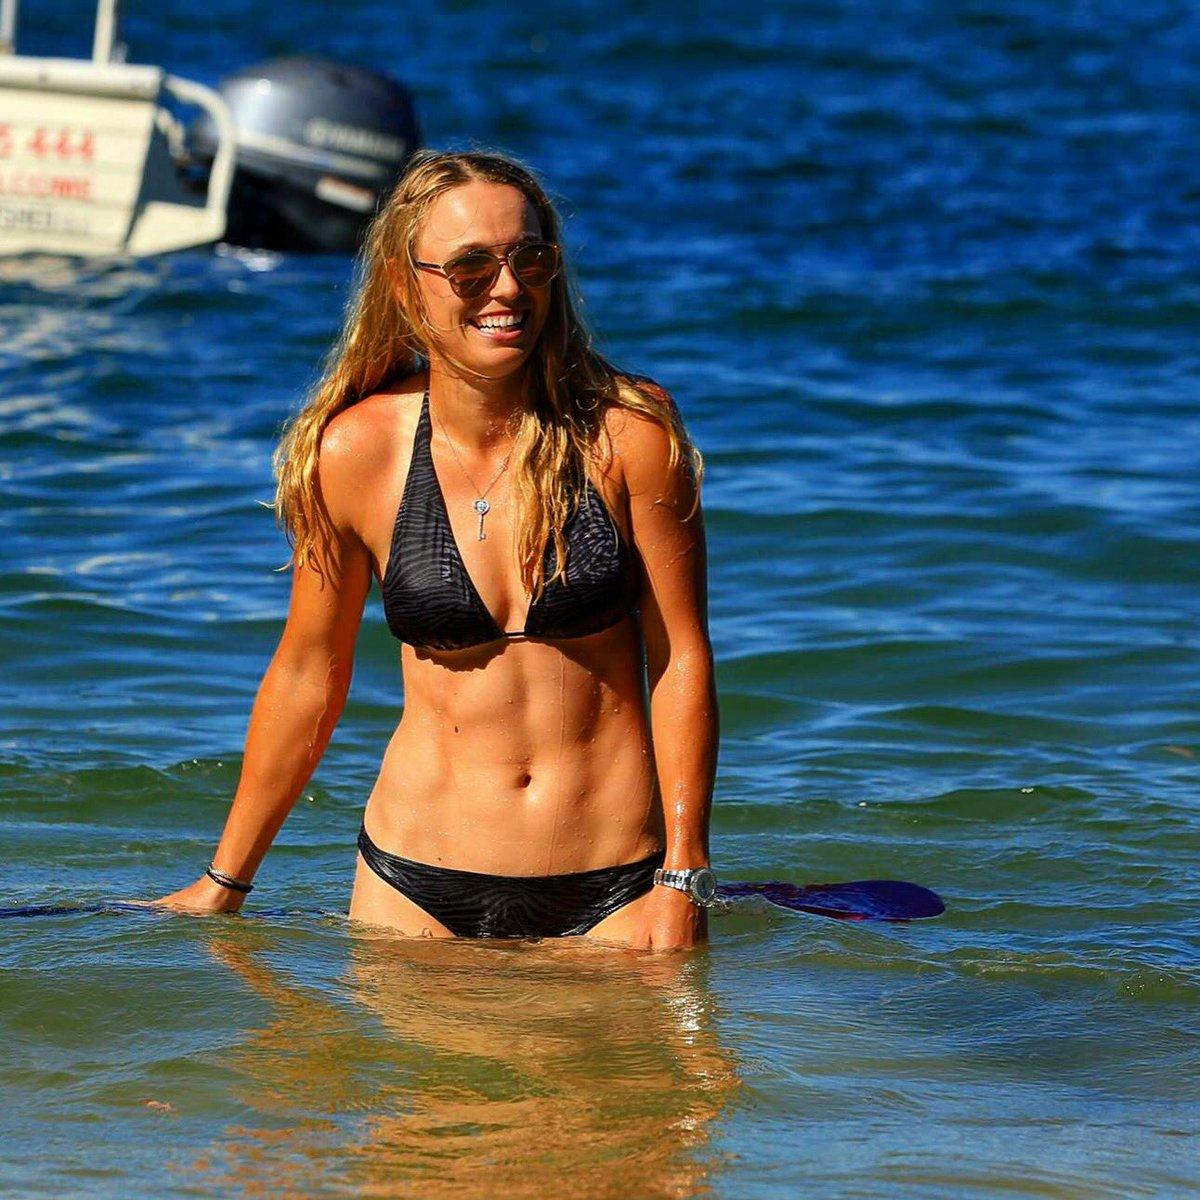 Caroline Wozniacki nude (71 foto), pics Paparazzi, Twitter, butt 2020